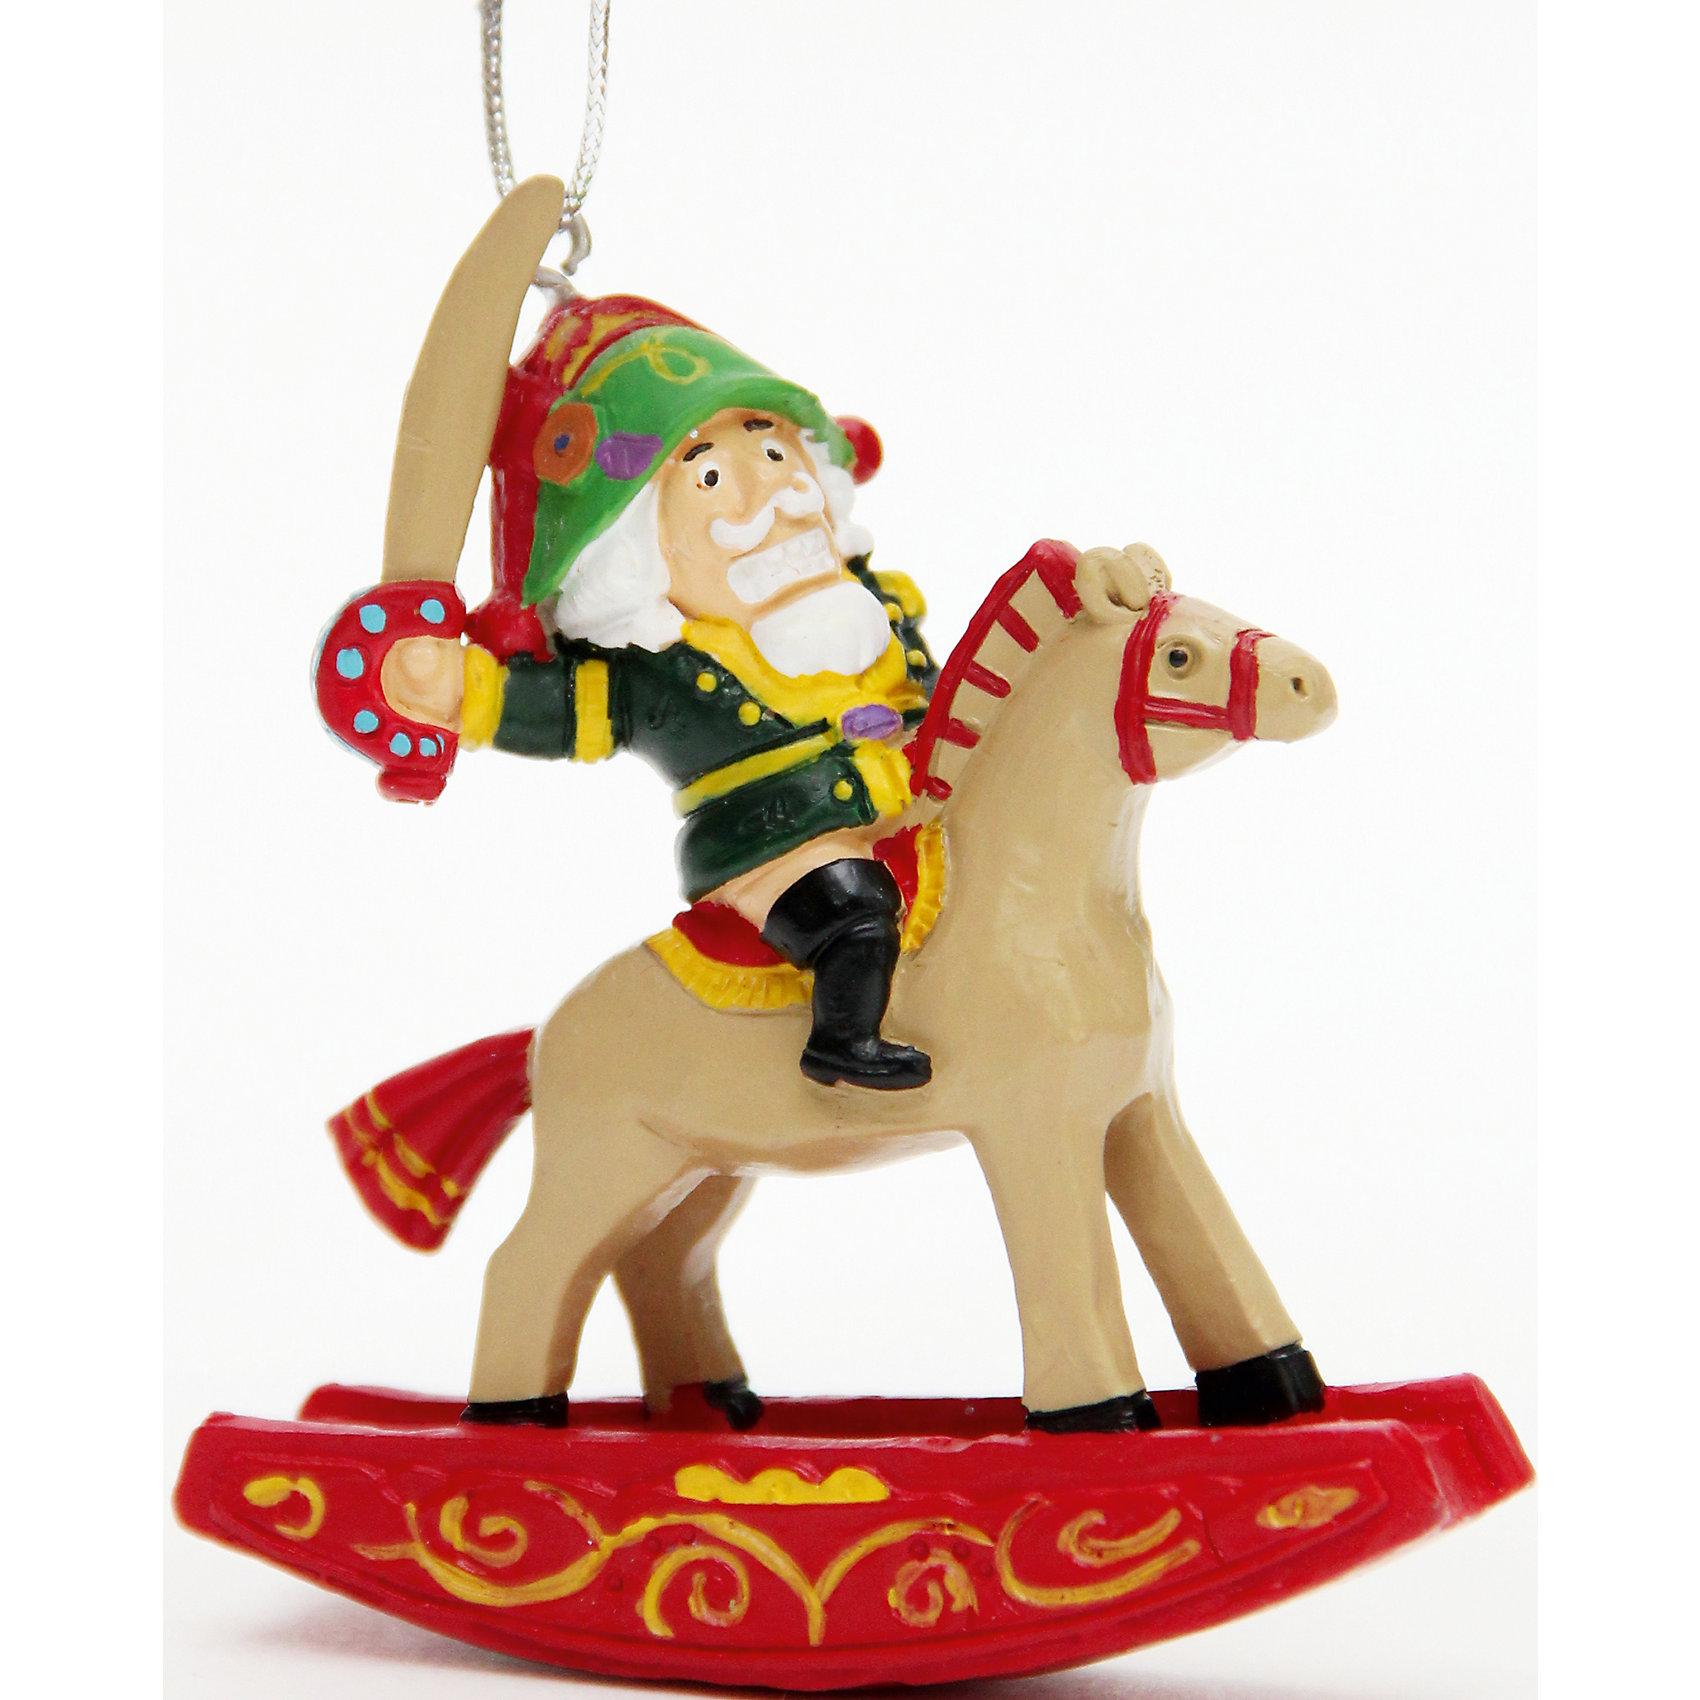 Украшение ЩелкунчикВсё для праздника<br>Новый год - самый любимый праздник у многих детей и взрослых. Праздничное настроение создает в первую очередь украшенный дом и, особенно, наряженная ёлка. Будь она из леса или искусственная - такая подвесная игрушка украсит любую!<br>Она сделана из безопасного для детей, прочного, но легкого, материала, поэтому не разобьется, упав на пол. Благодаря расцветке украшение отлично смотрится на ёлке. Создайте с ним праздничное настроение себе и близким!<br><br>Дополнительная информация:<br><br>цвет: разноцветный;<br>материал: полирезина;<br>размер: 7 х 3 х 8 см.<br><br>Украшение Щелкунчик можно купить в нашем магазине.<br><br>Ширина мм: 150<br>Глубина мм: 150<br>Высота мм: 60<br>Вес г: 73<br>Возраст от месяцев: 36<br>Возраст до месяцев: 2147483647<br>Пол: Унисекс<br>Возраст: Детский<br>SKU: 4981694